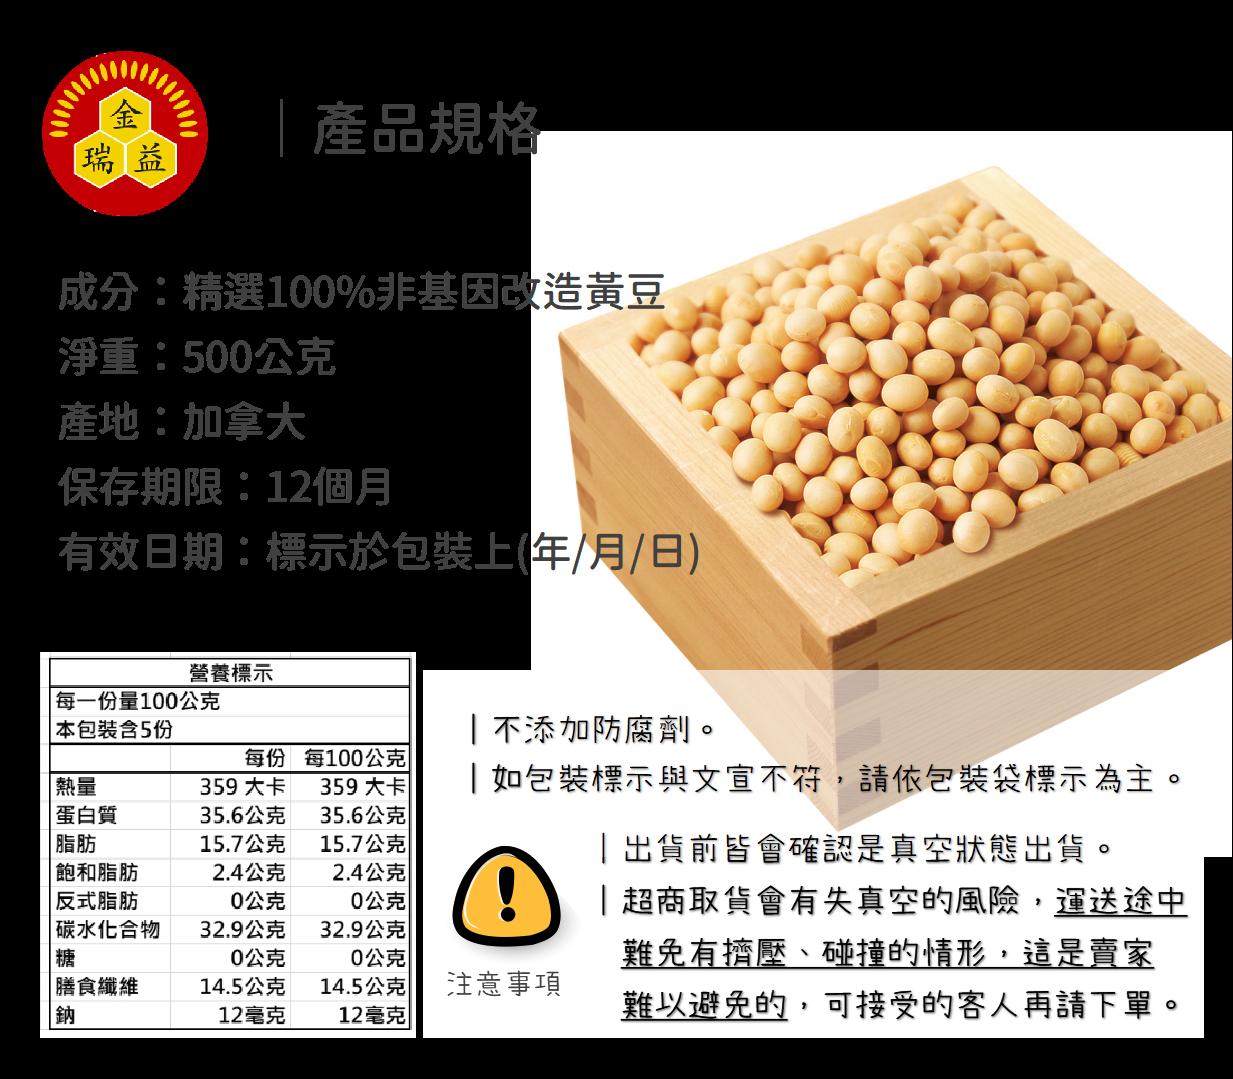 附發票 全店499免運|加拿大 非基因改造黃豆 |真空脫氧夾鏈包|✨ 從栽種到分裝完全有品質管理|金瑞益【嚴選】穀物